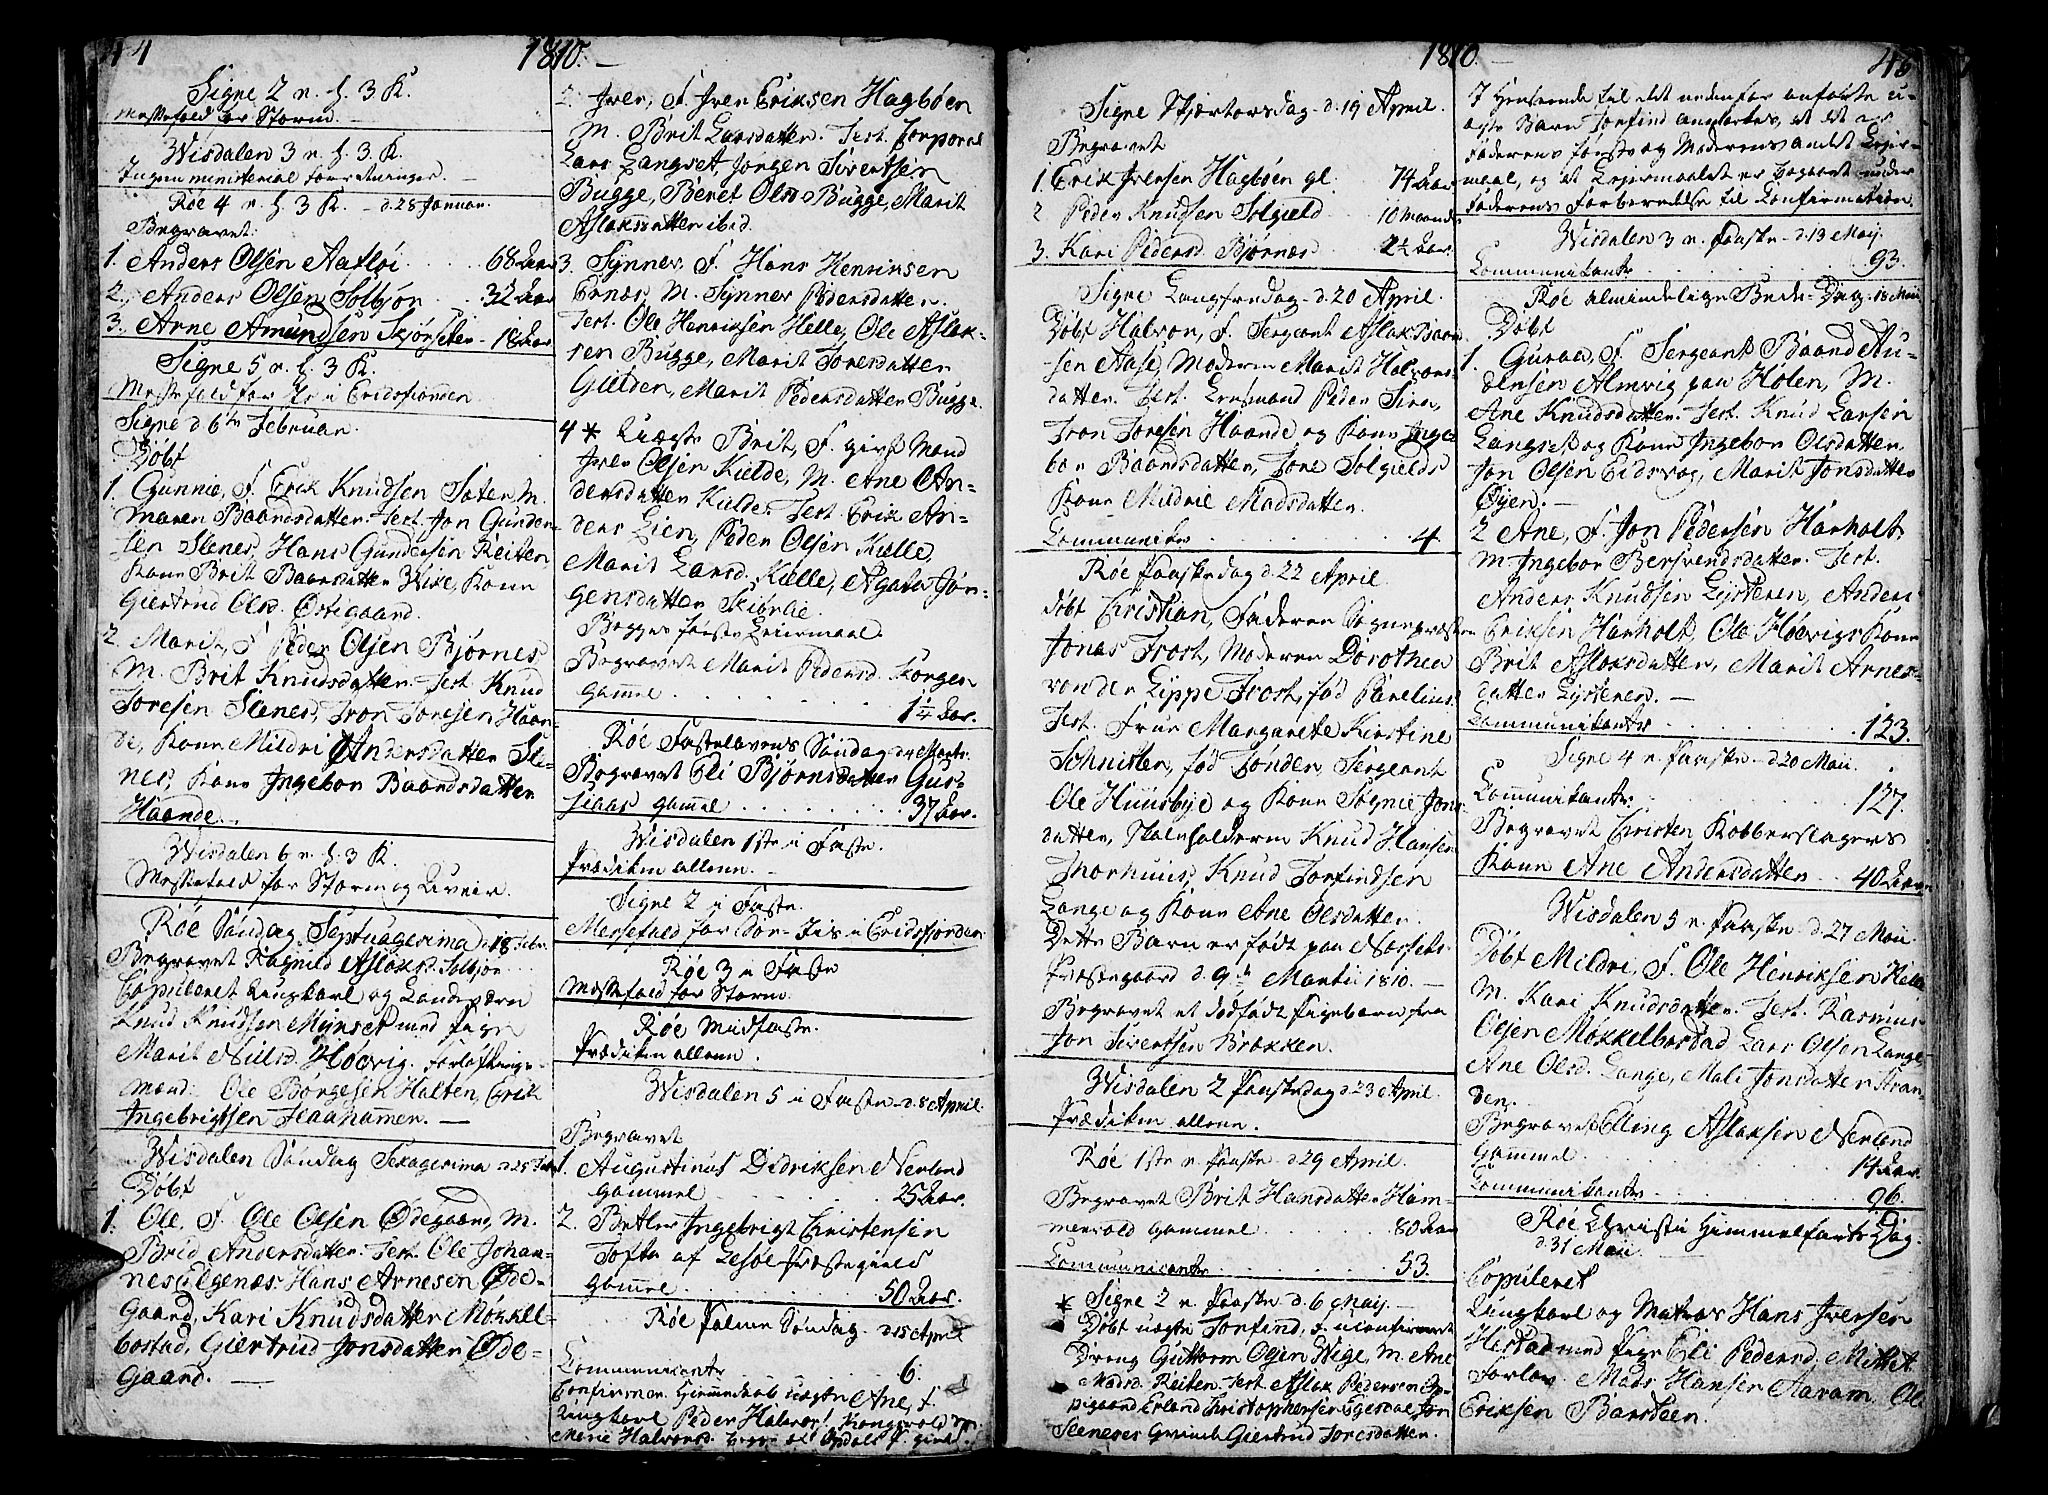 SAT, Ministerialprotokoller, klokkerbøker og fødselsregistre - Møre og Romsdal, 551/L0622: Ministerialbok nr. 551A02, 1804-1845, s. 44-45